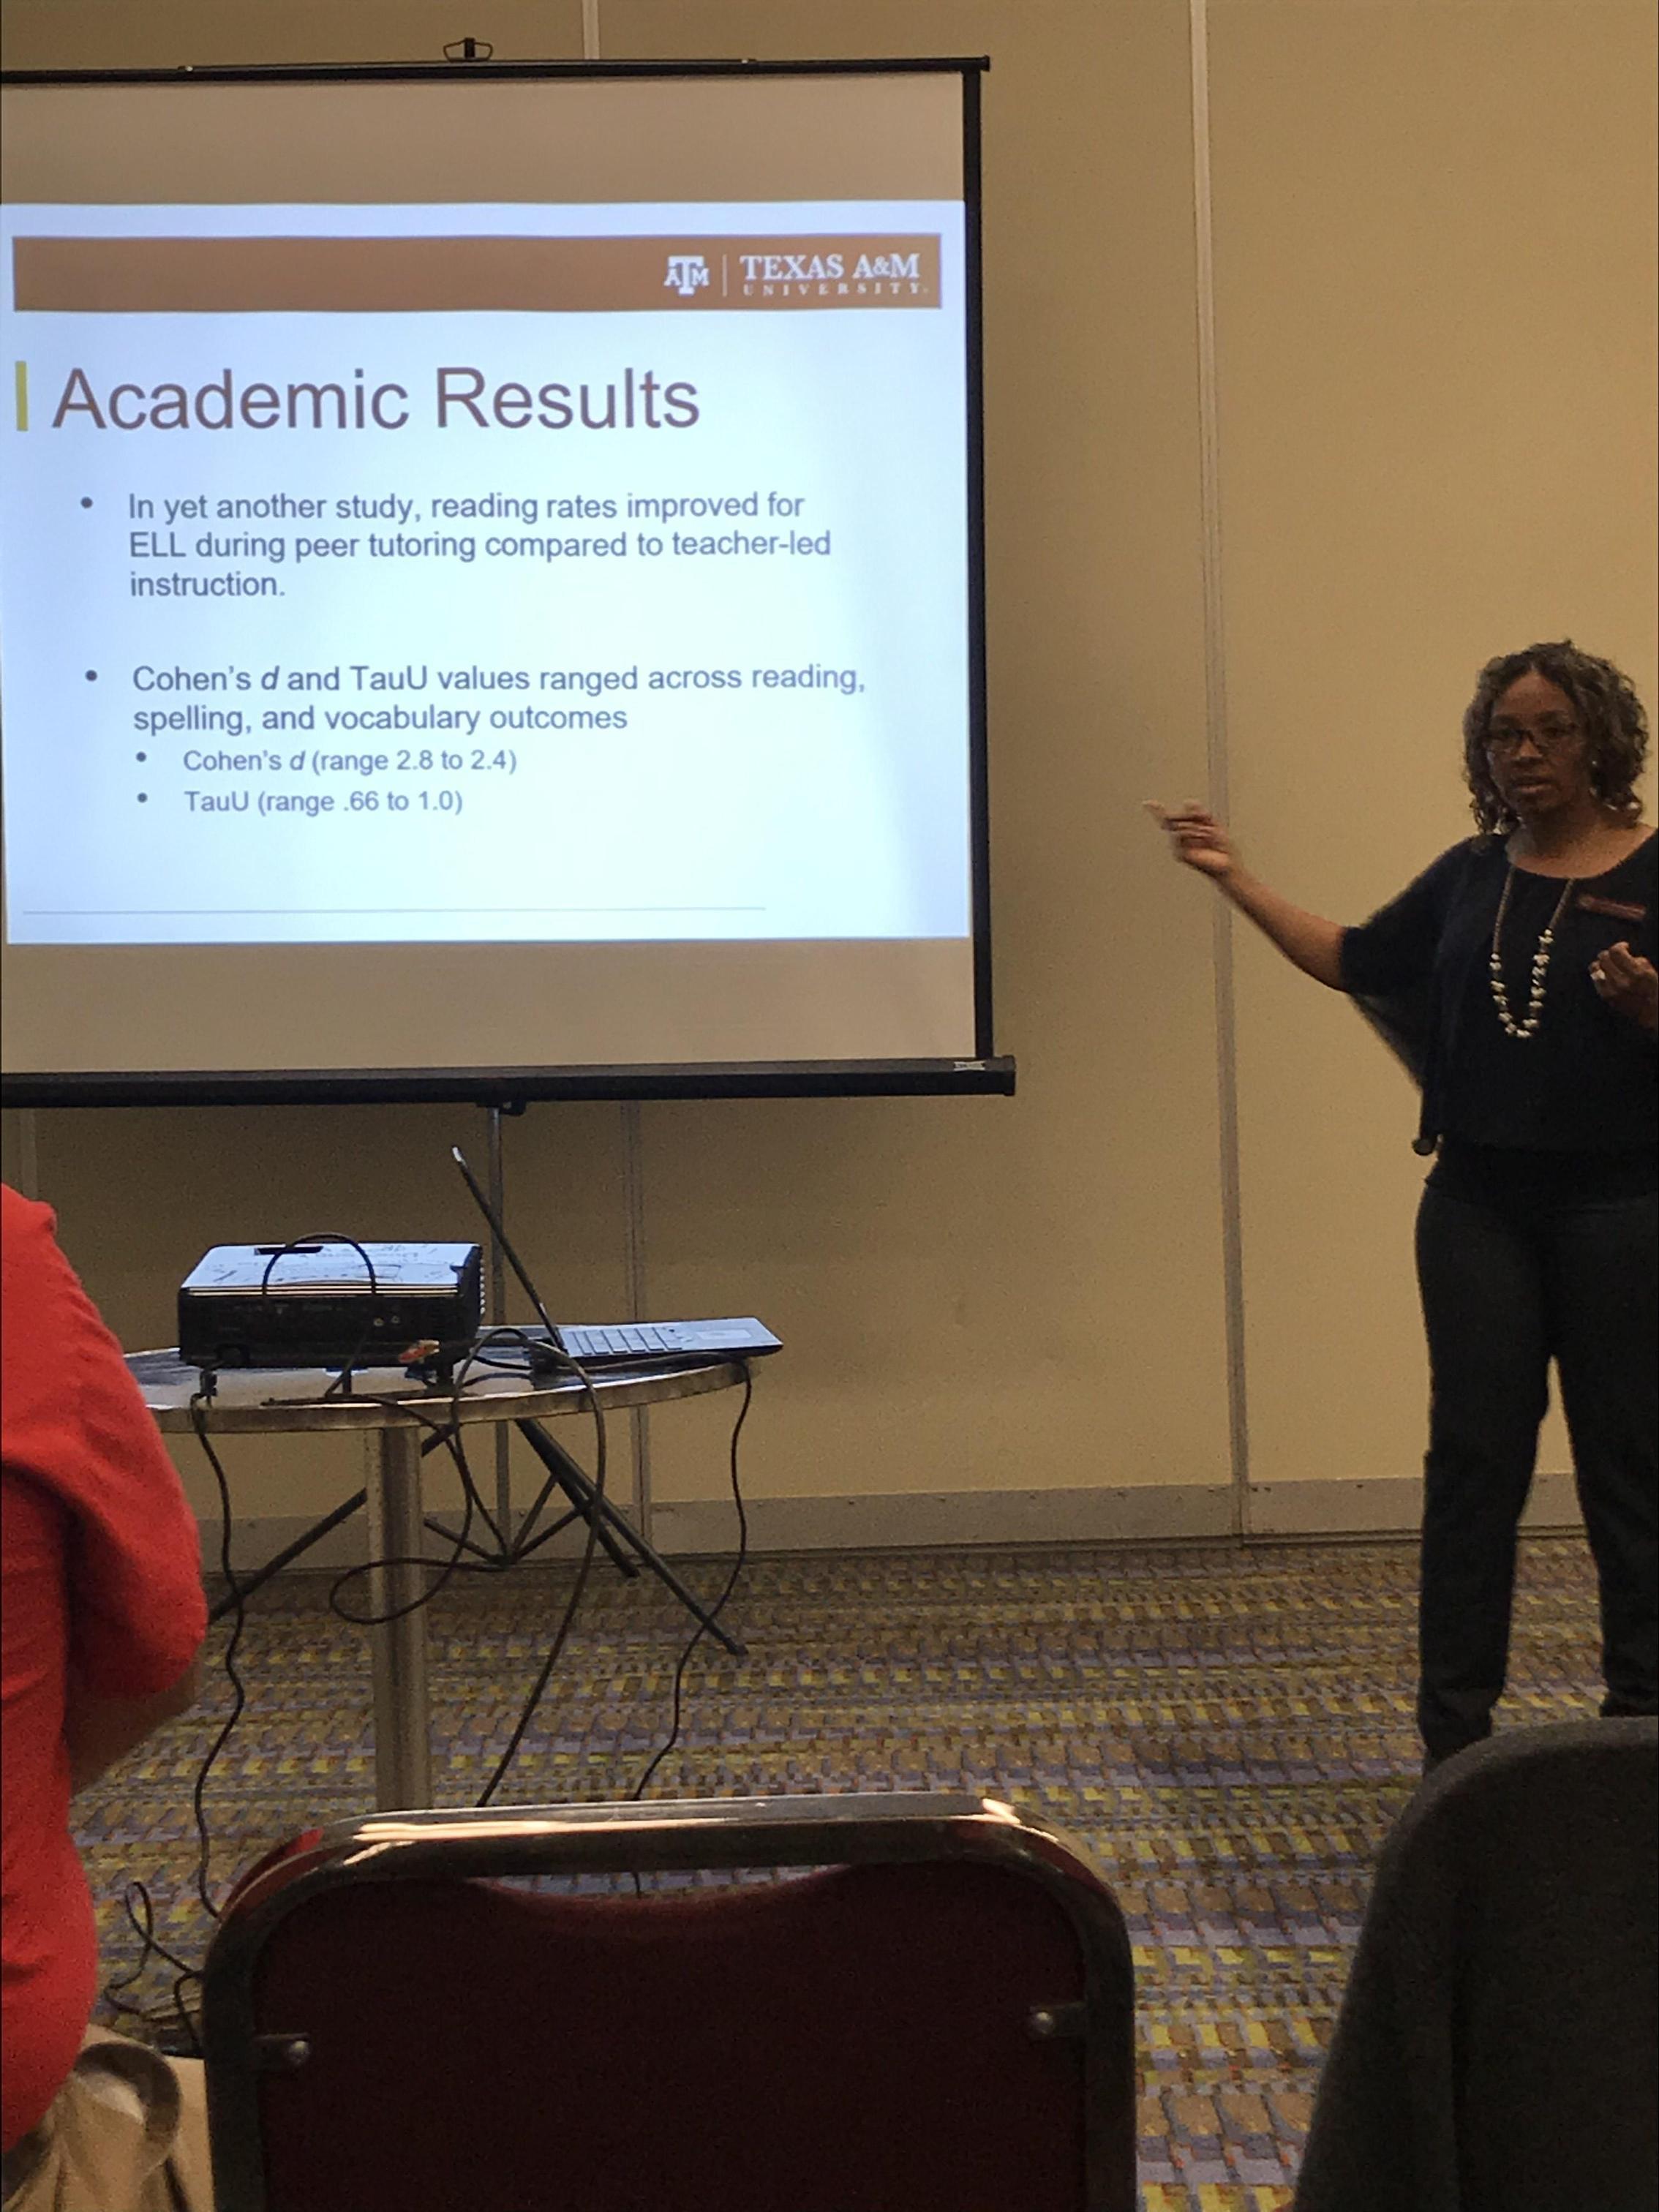 Presenter giving a presentation